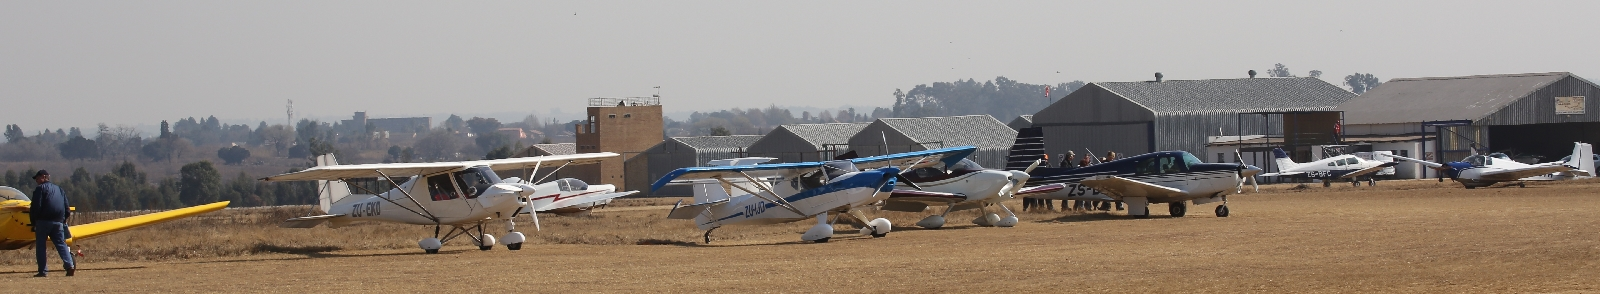 ZW3A0283